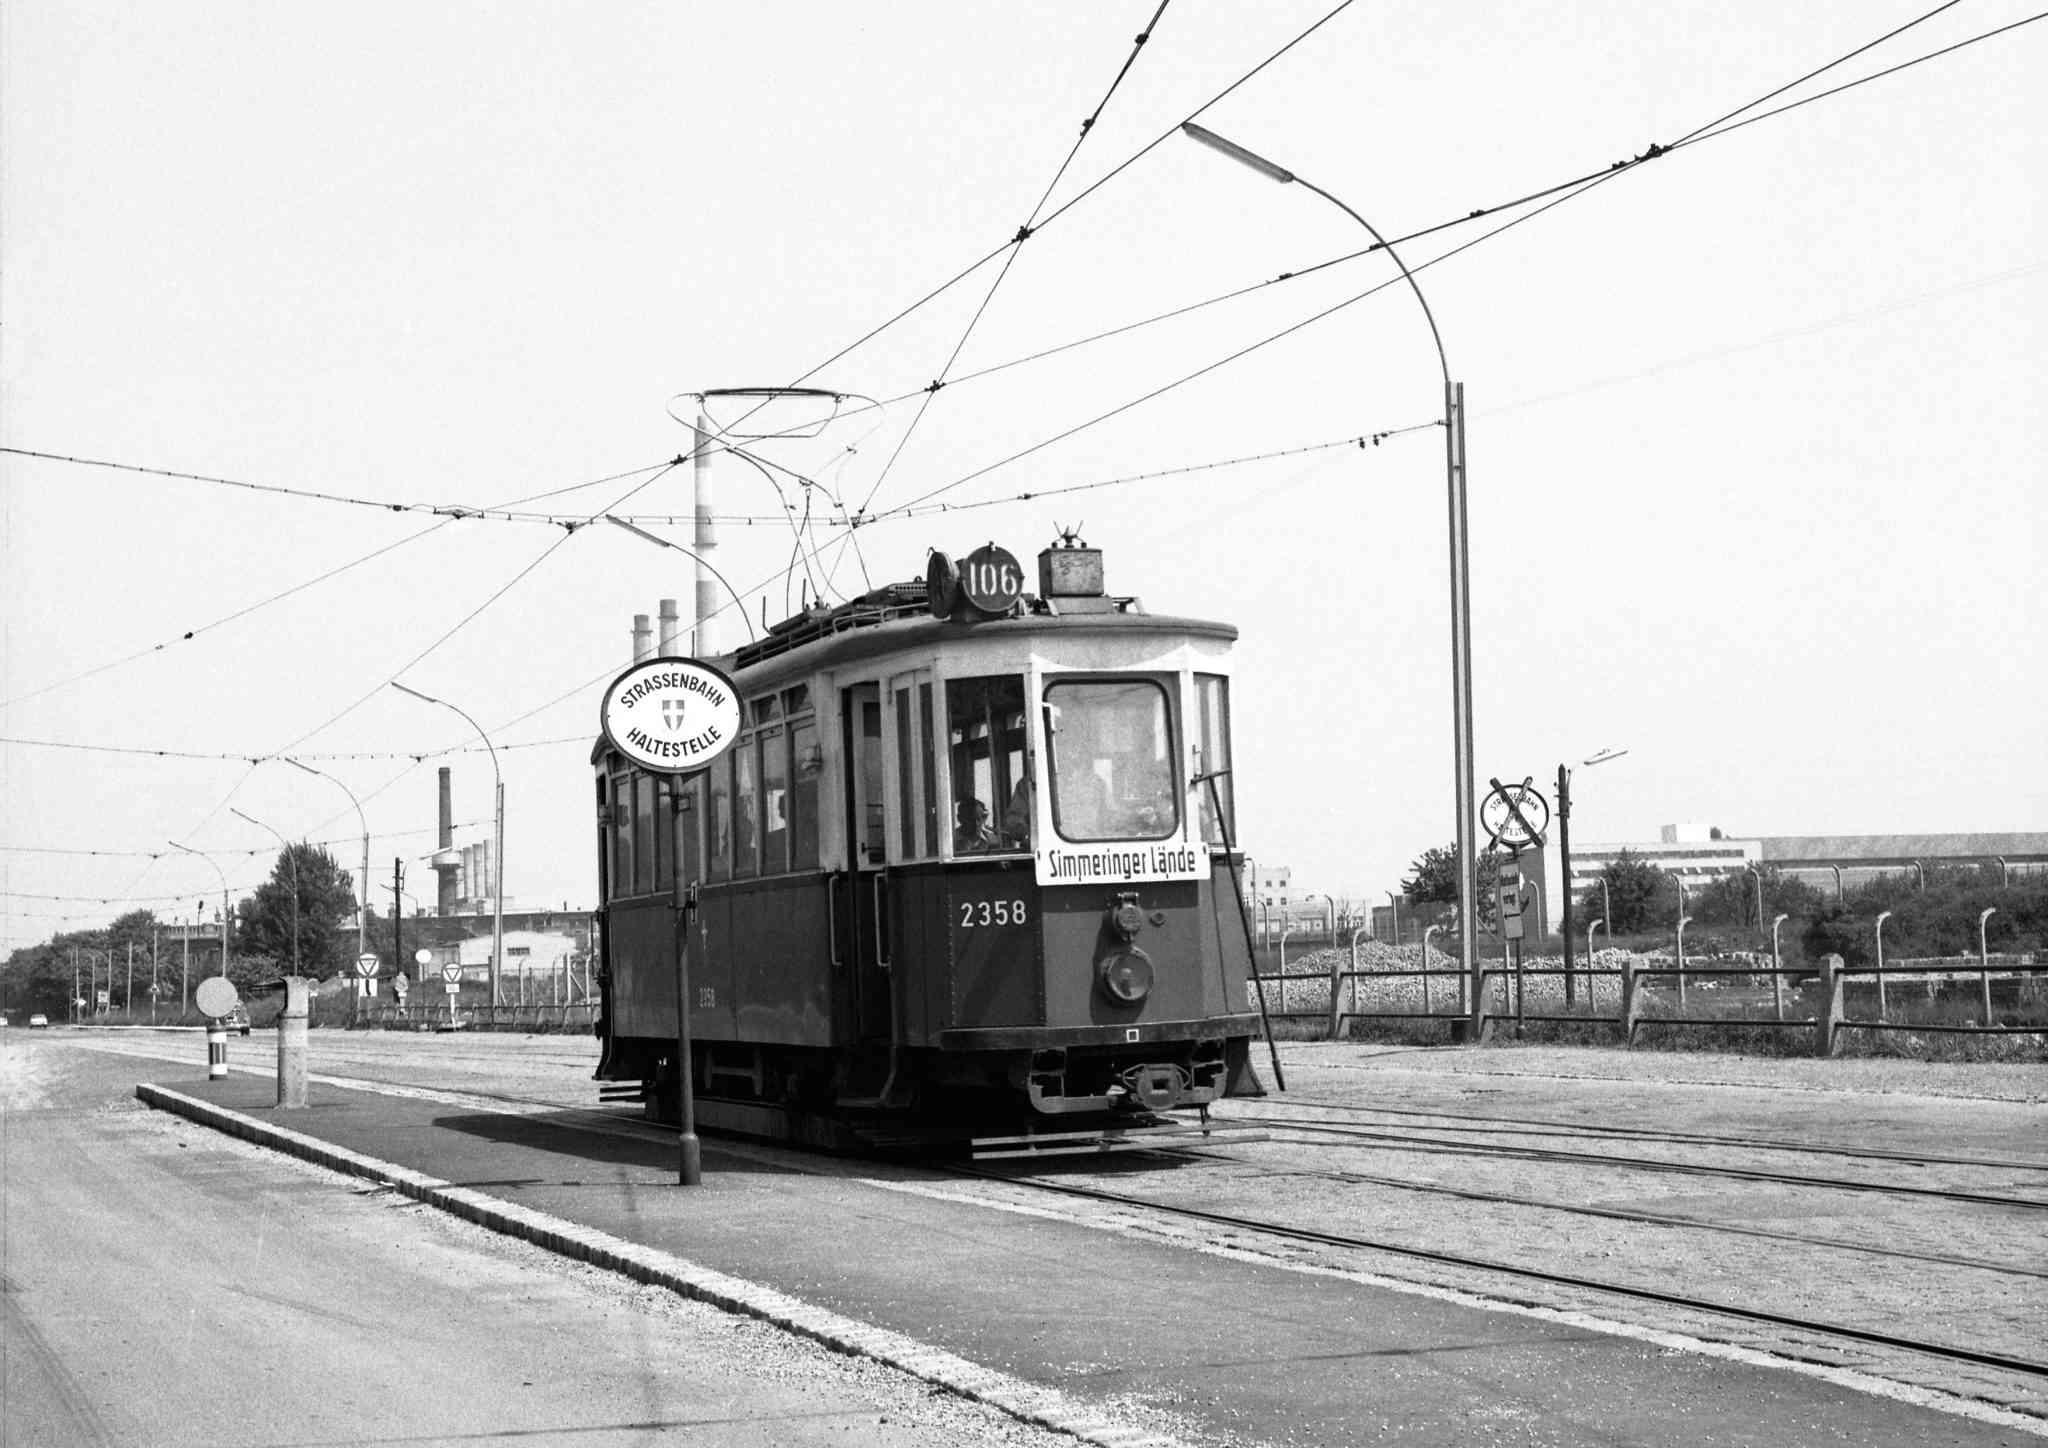 Ein historischer Triebwagen der Linie 106 vor Umstellung auf Autobusbetrieb.